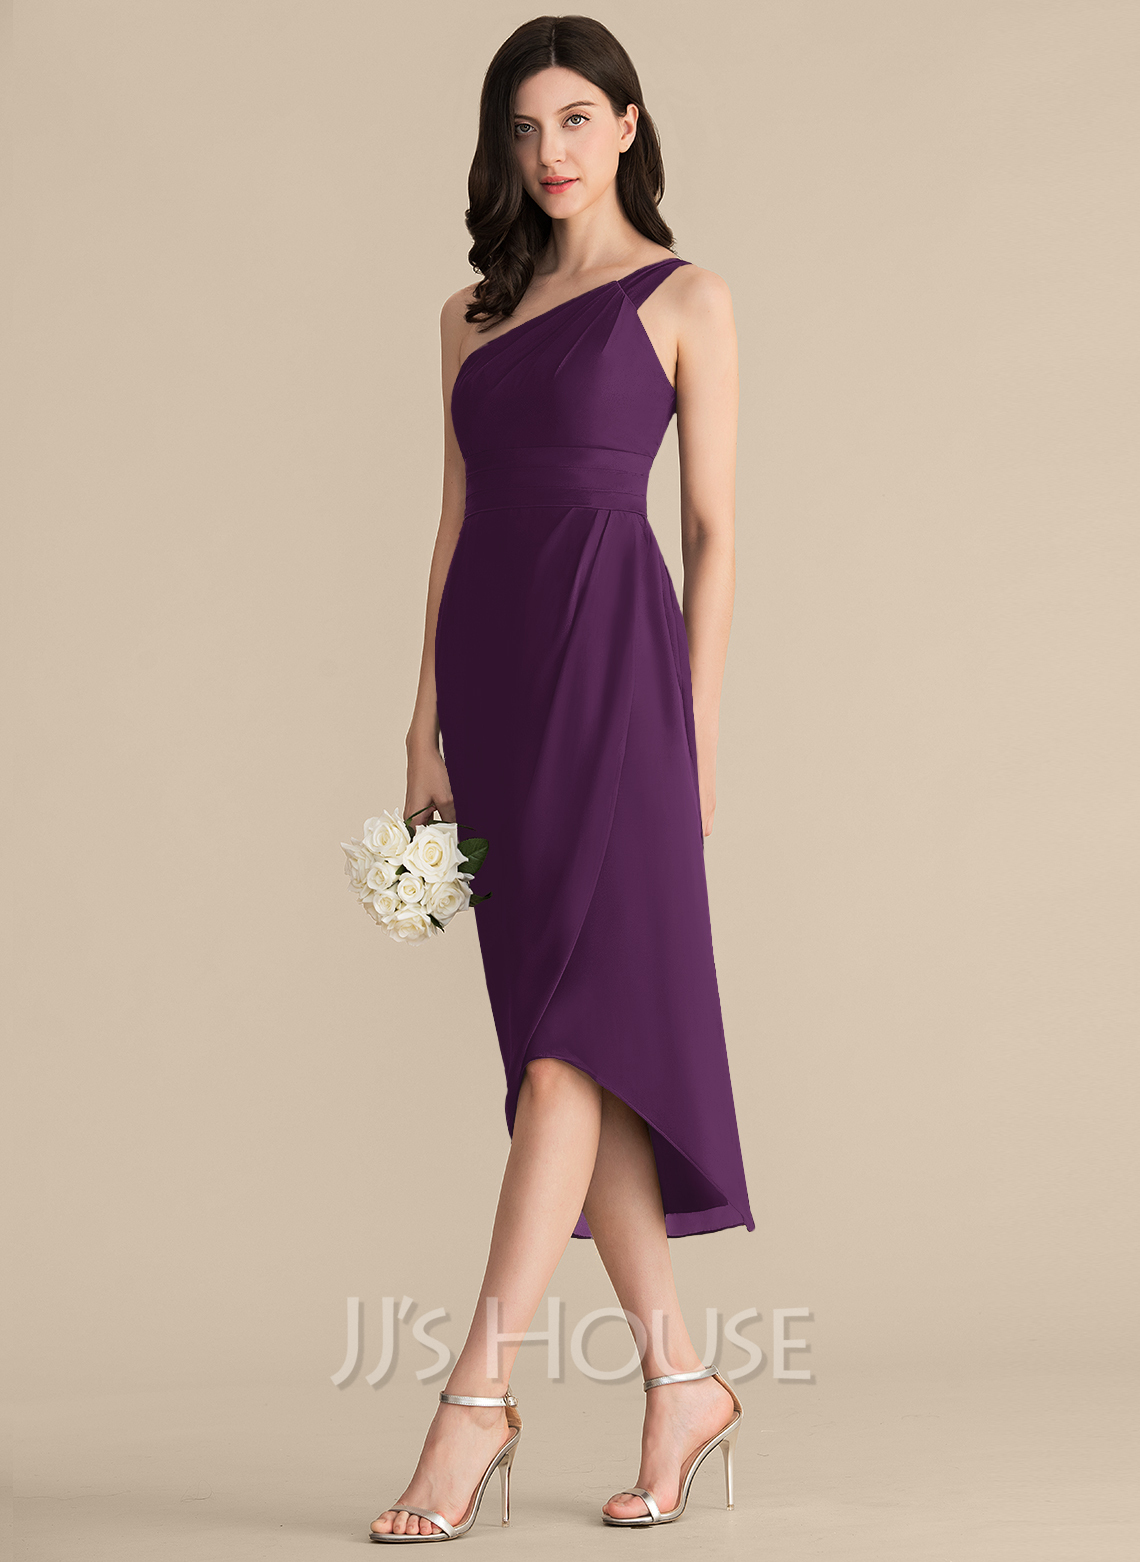 Sheath/Column One-Shoulder Asymmetrical Chiffon Bridesmaid Dress With Ruffle